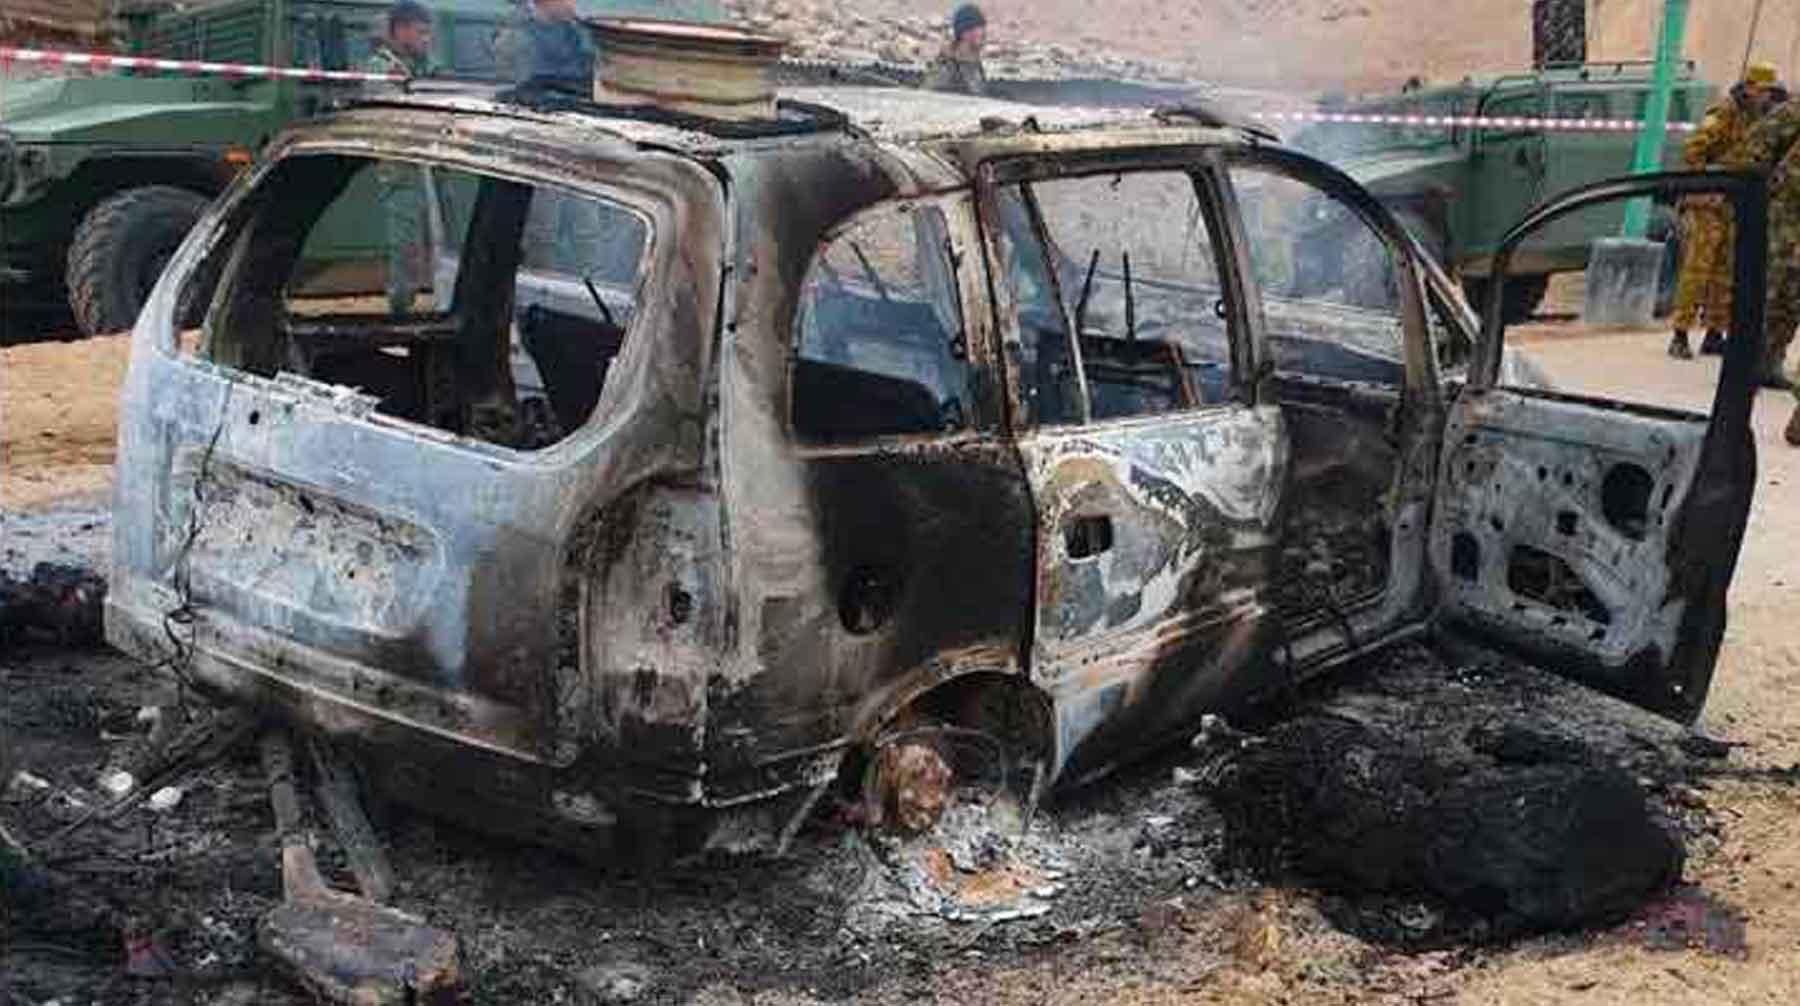 Нападавшие проникли на границу со стороны Афганистана и планировали устроить теракты undefined